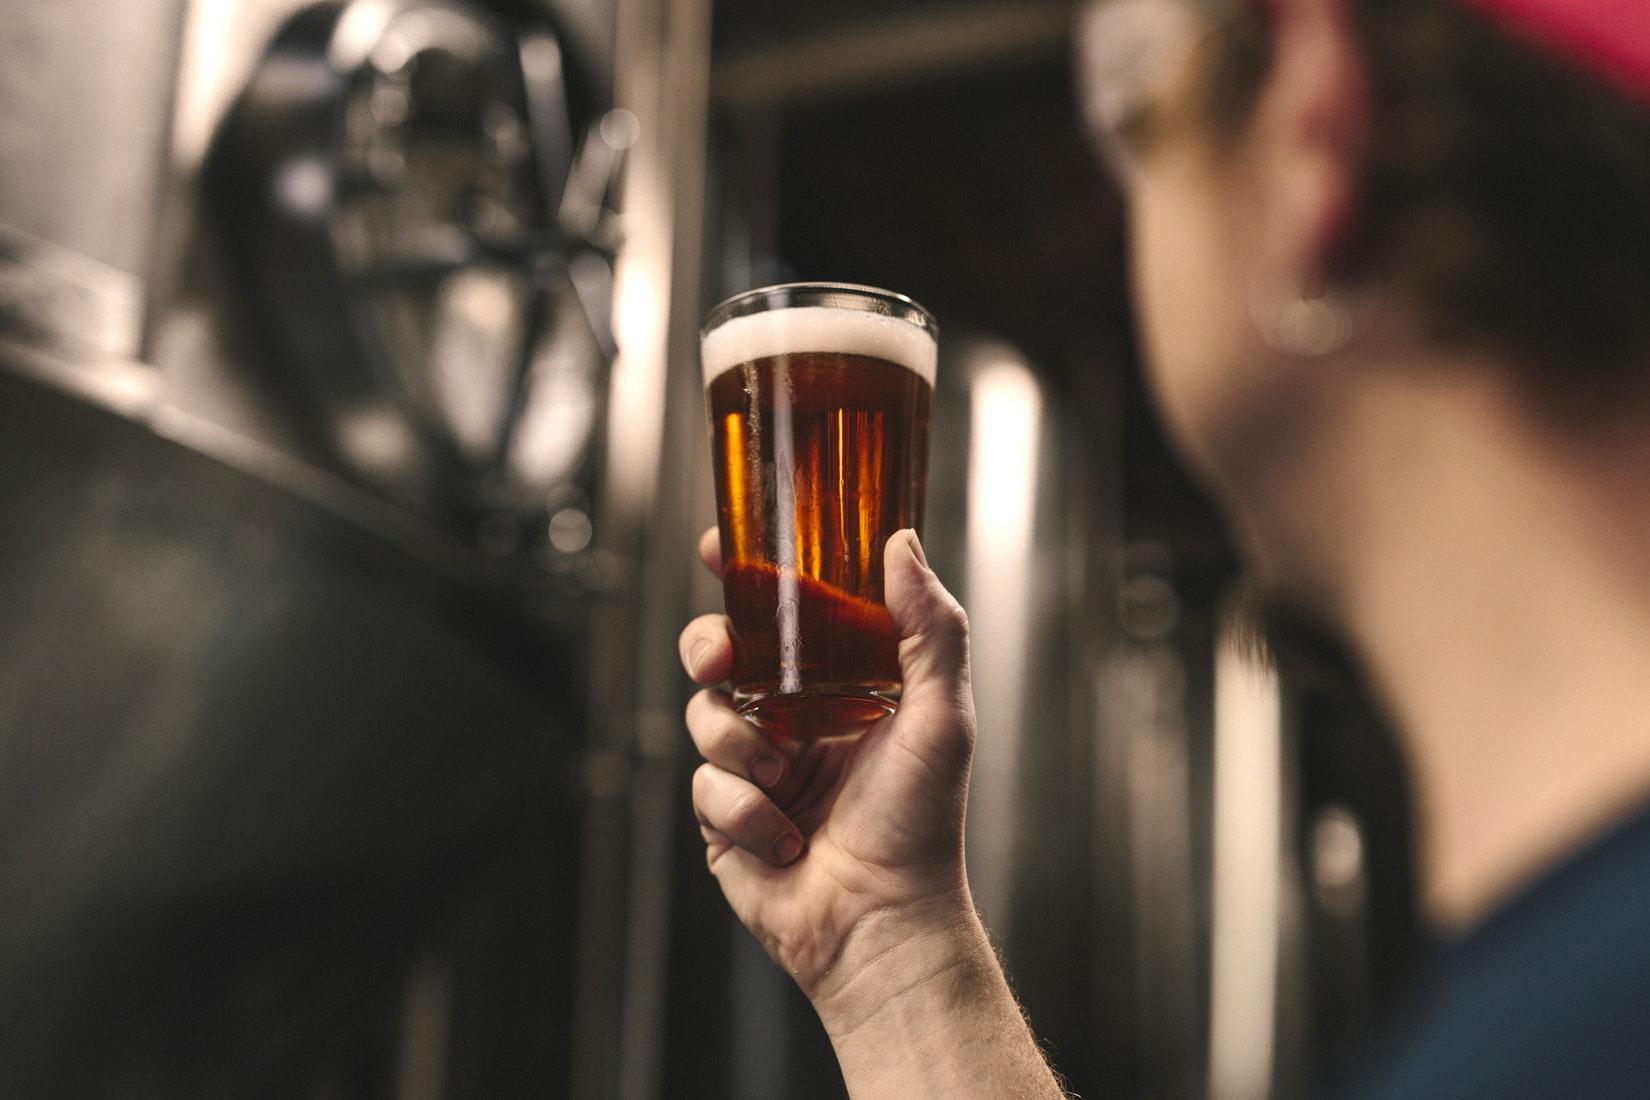 man looking at beer in glass - unsplash.jpg